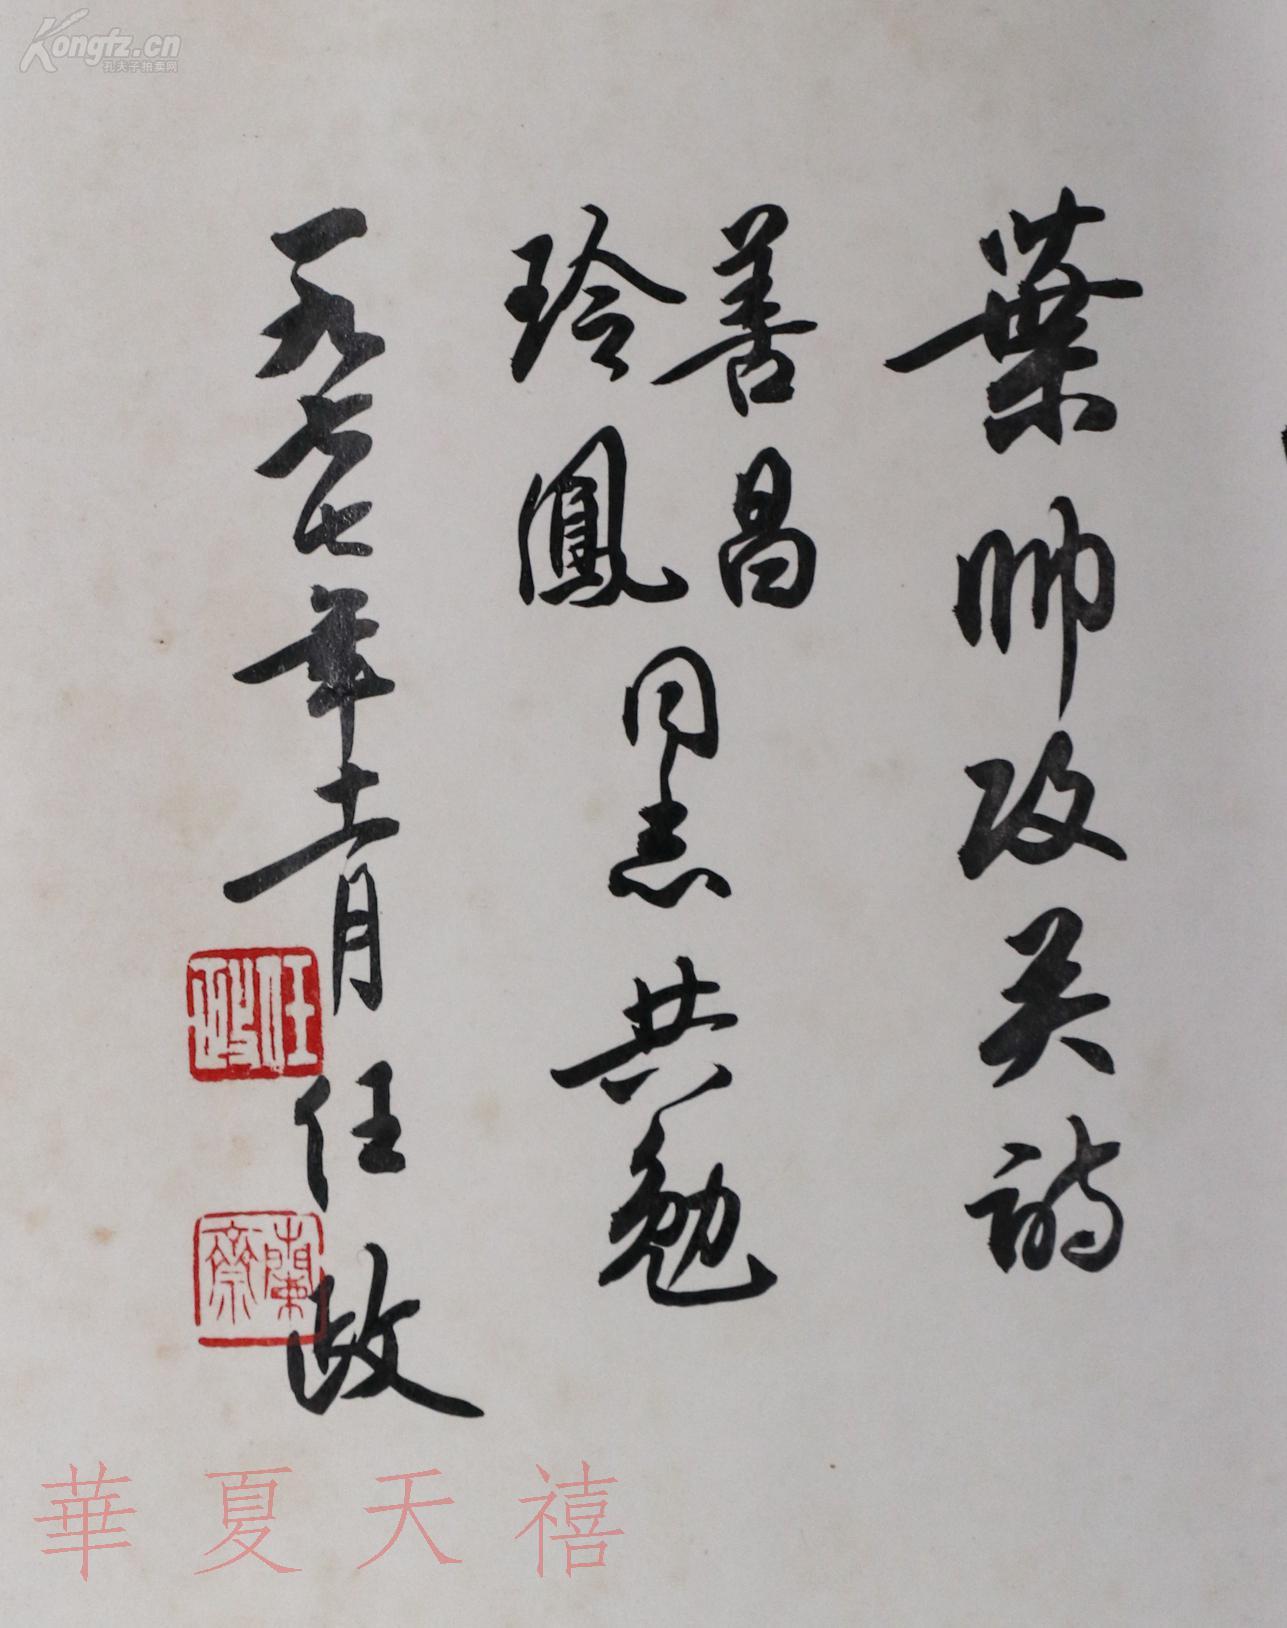 著名书法家、上海书协常务理事、当代行楷第一人 任政 1977年 书法作品《录 叶帅攻关诗.jpg